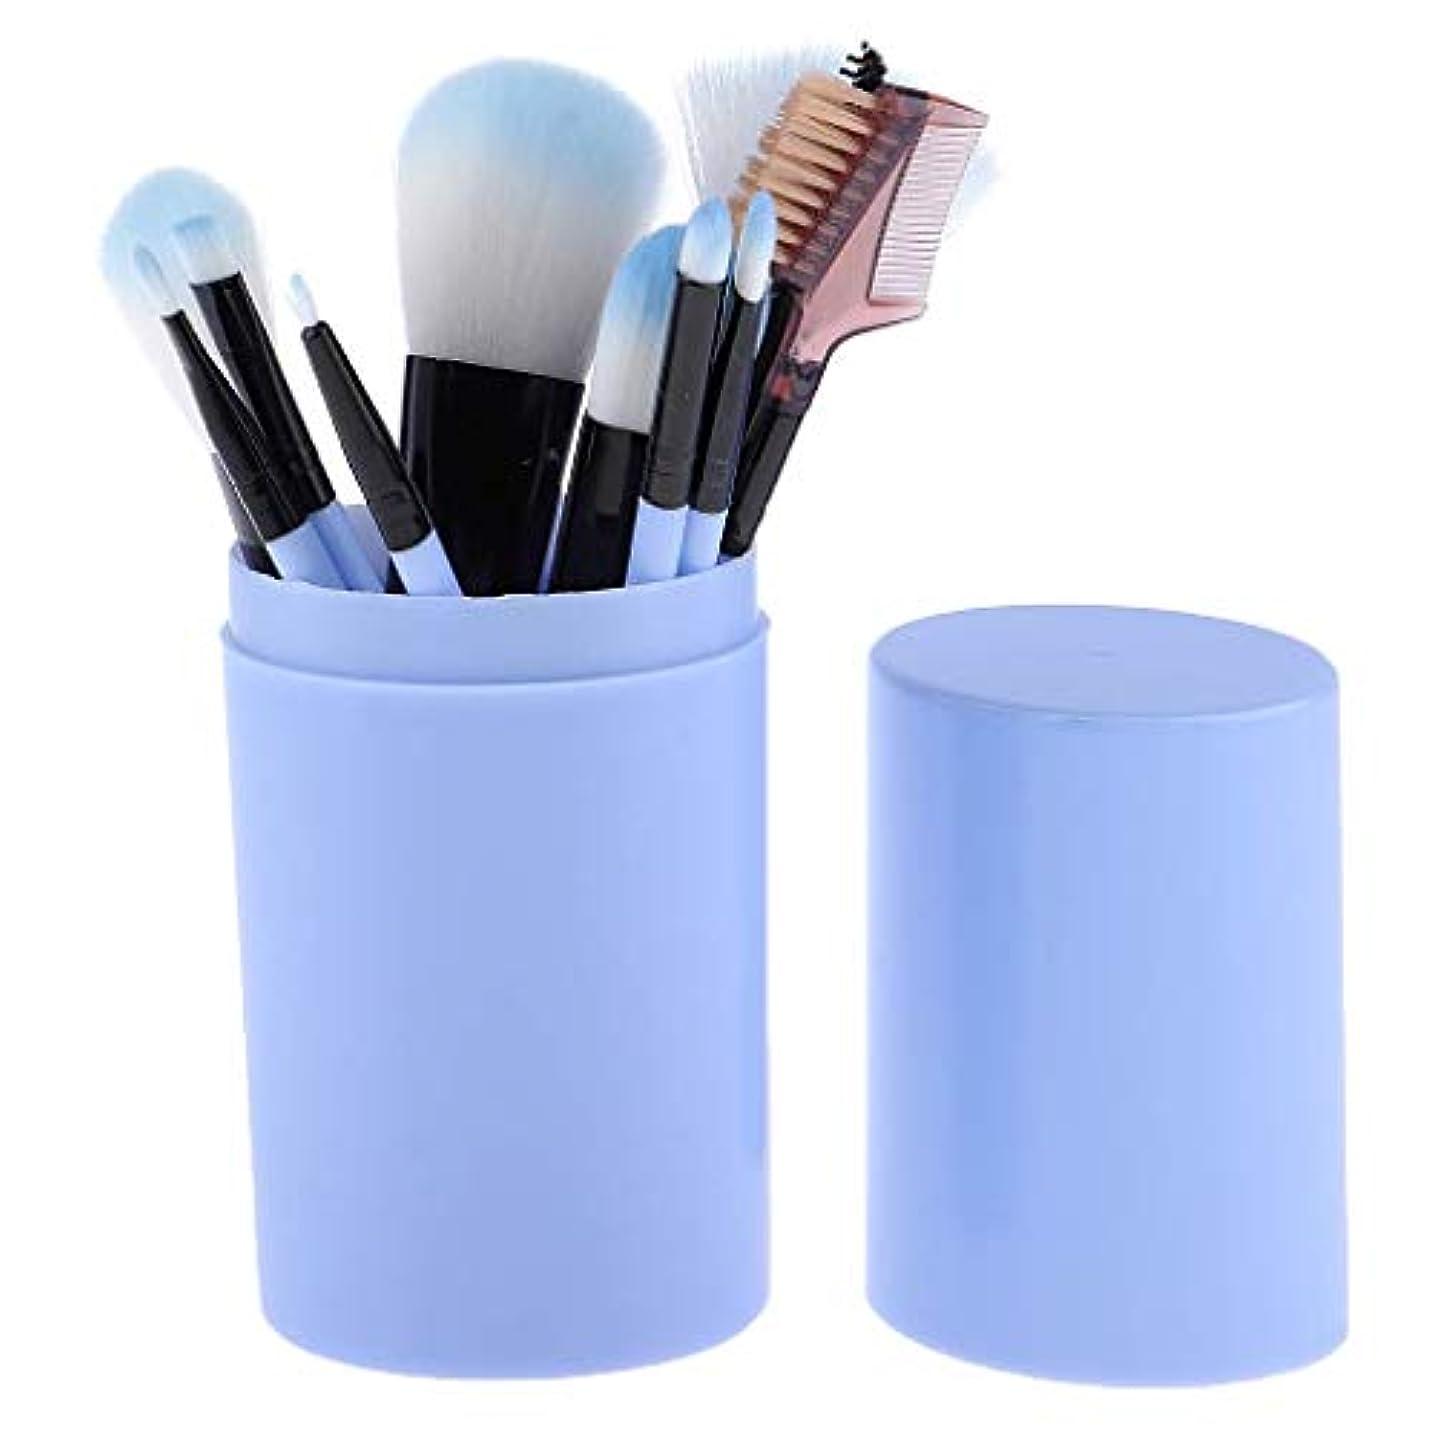 翻訳所有権書くMakeup brushes 青、スミアのようなリアルな、持ち運びに快適、収納バケット付き化粧ブラシセット付き12ピース高品質木製ハンドル化粧ブラシセット suits (Color : Blue)